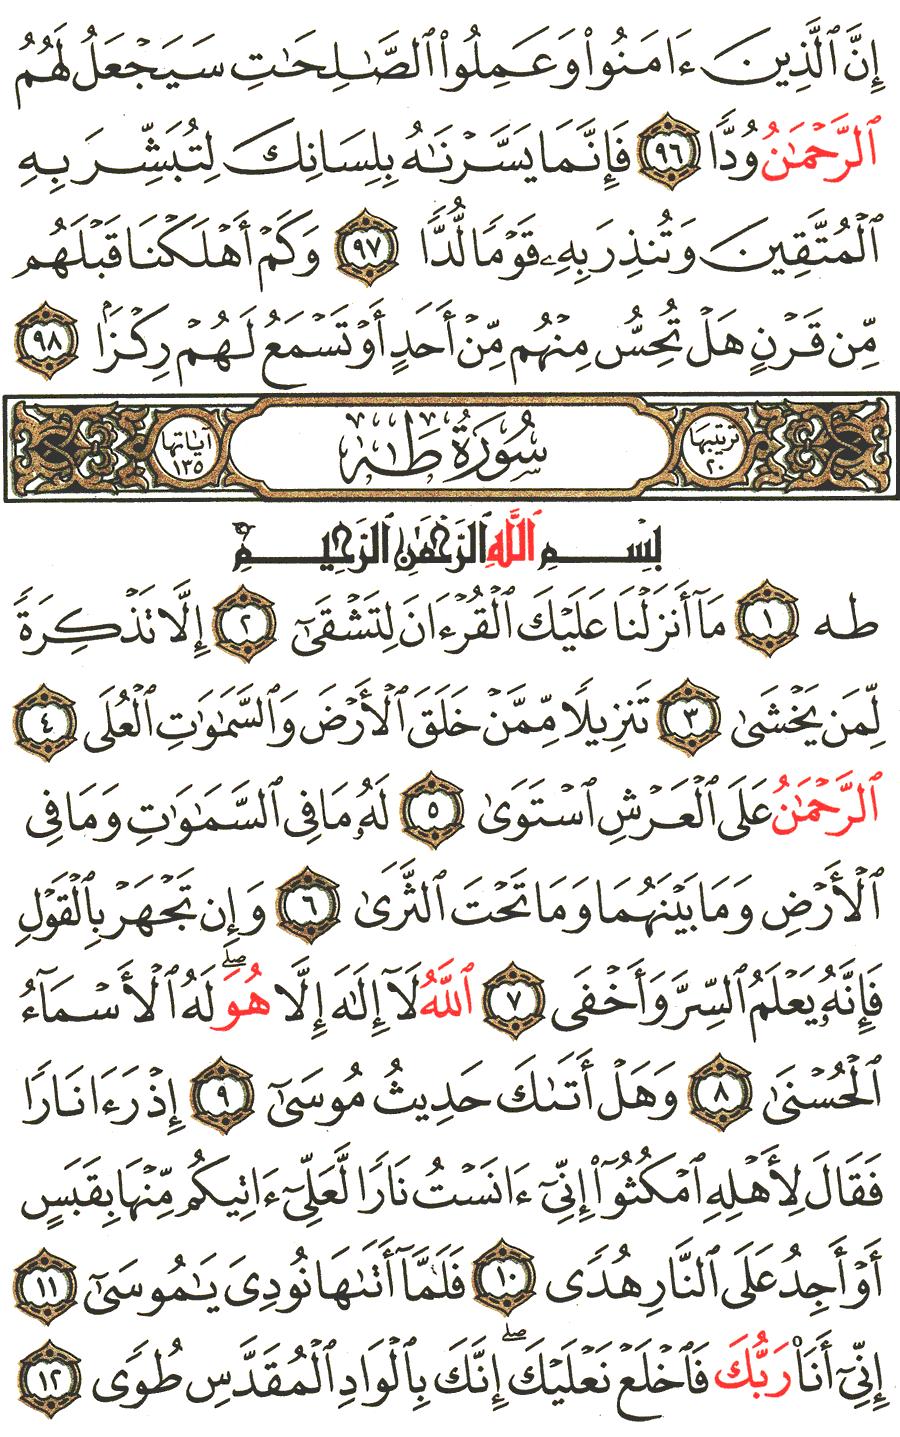 الصفحة رقم 312  من القرآن الكريم مكتوبة من المصحف